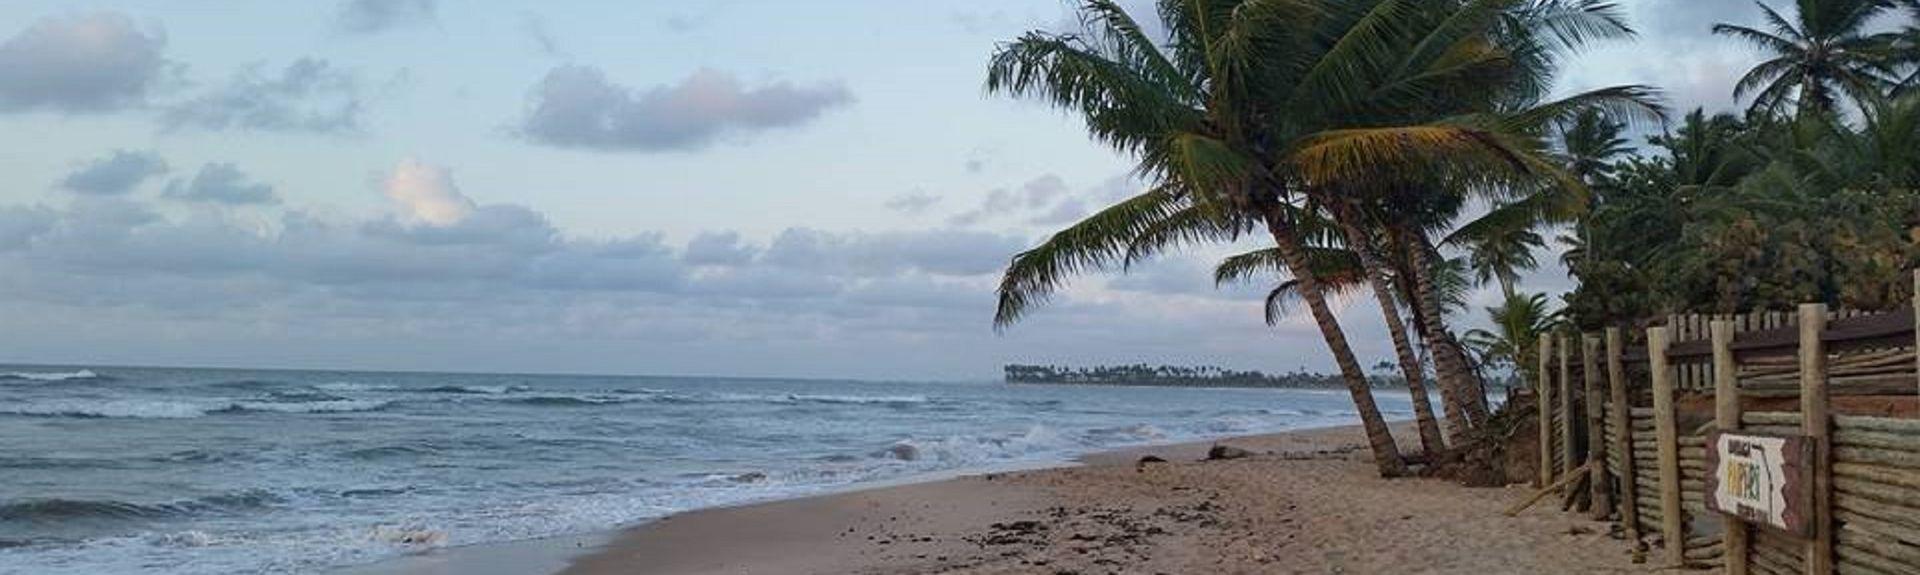 Praia do Forte, Mata de São João, Região Nordeste, Brasil